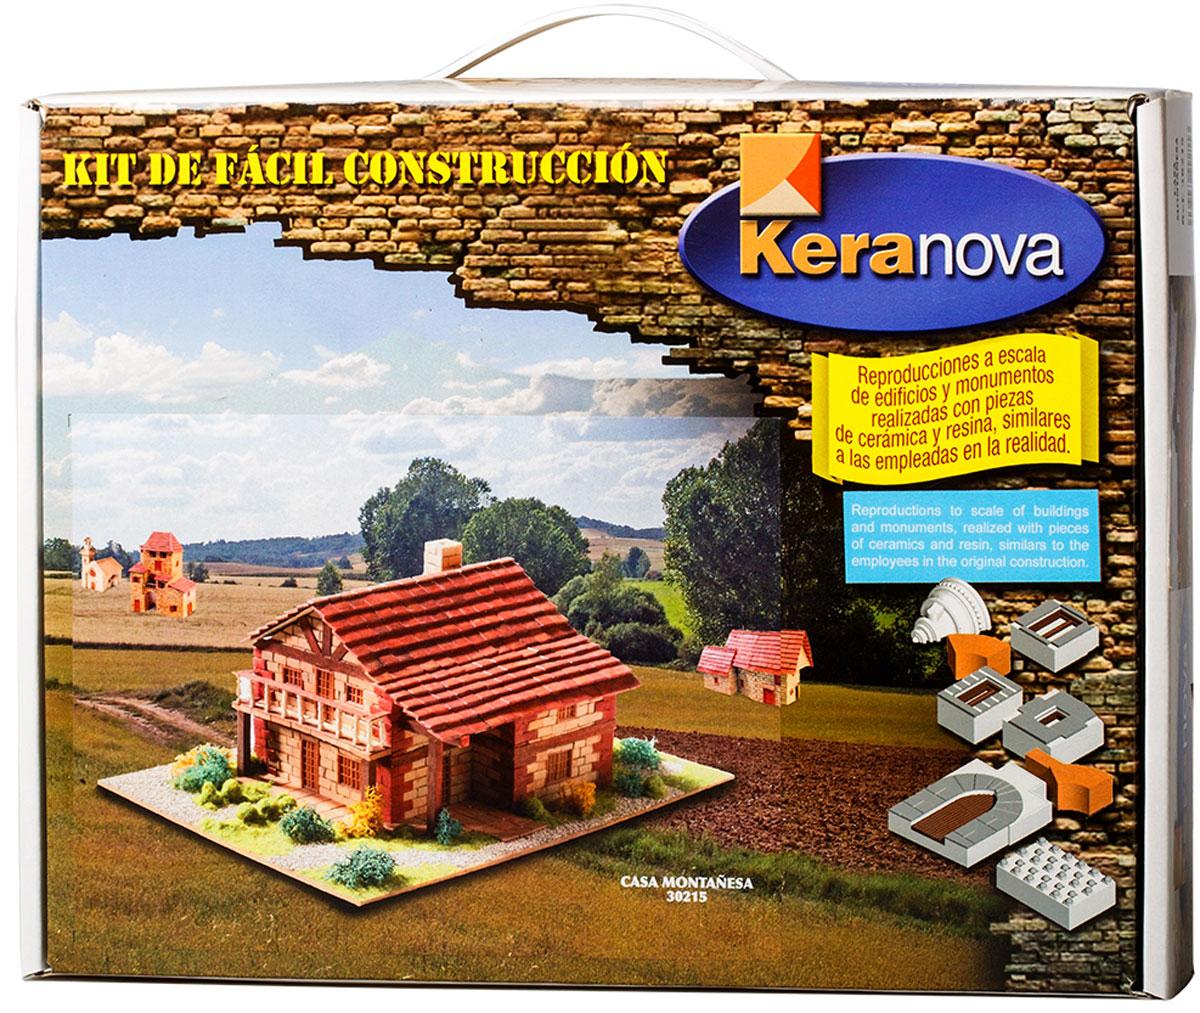 Keranova Конструктор Дом в горах30215Традиционный кантабрийский тип жилища - каса монтаньеса, представляющий собой двухэтажное строение с двухскатной крышей. Подобный тип возник в XVI-XVIII веках, получив широкое распространение в конце девятнадцатого века и первой трети двадцатого. Сегодня архитектурные ансамбли многих деревень и городов Кантабрии получили статус объекта Культурного интереса Испании (BIC). В состав набора входят: - каркас модели из бумаги, - основа для миниатюры из фанеры, - набор кирпичиков и черепицы из глины разного размера и разной фактуры (8 температурных режимов обжига кирпичиков), - имитация грунта (песок), имитация растительности (исландский мох – материал устойчивый к естественному разрушению), - имитация украшений фасадов и окон (изготовлены из натуральной смолы вручную), - имитация деревянных переводов (деревянные брусочки), клей, схема сборки и инструкция. количество деталей 1422